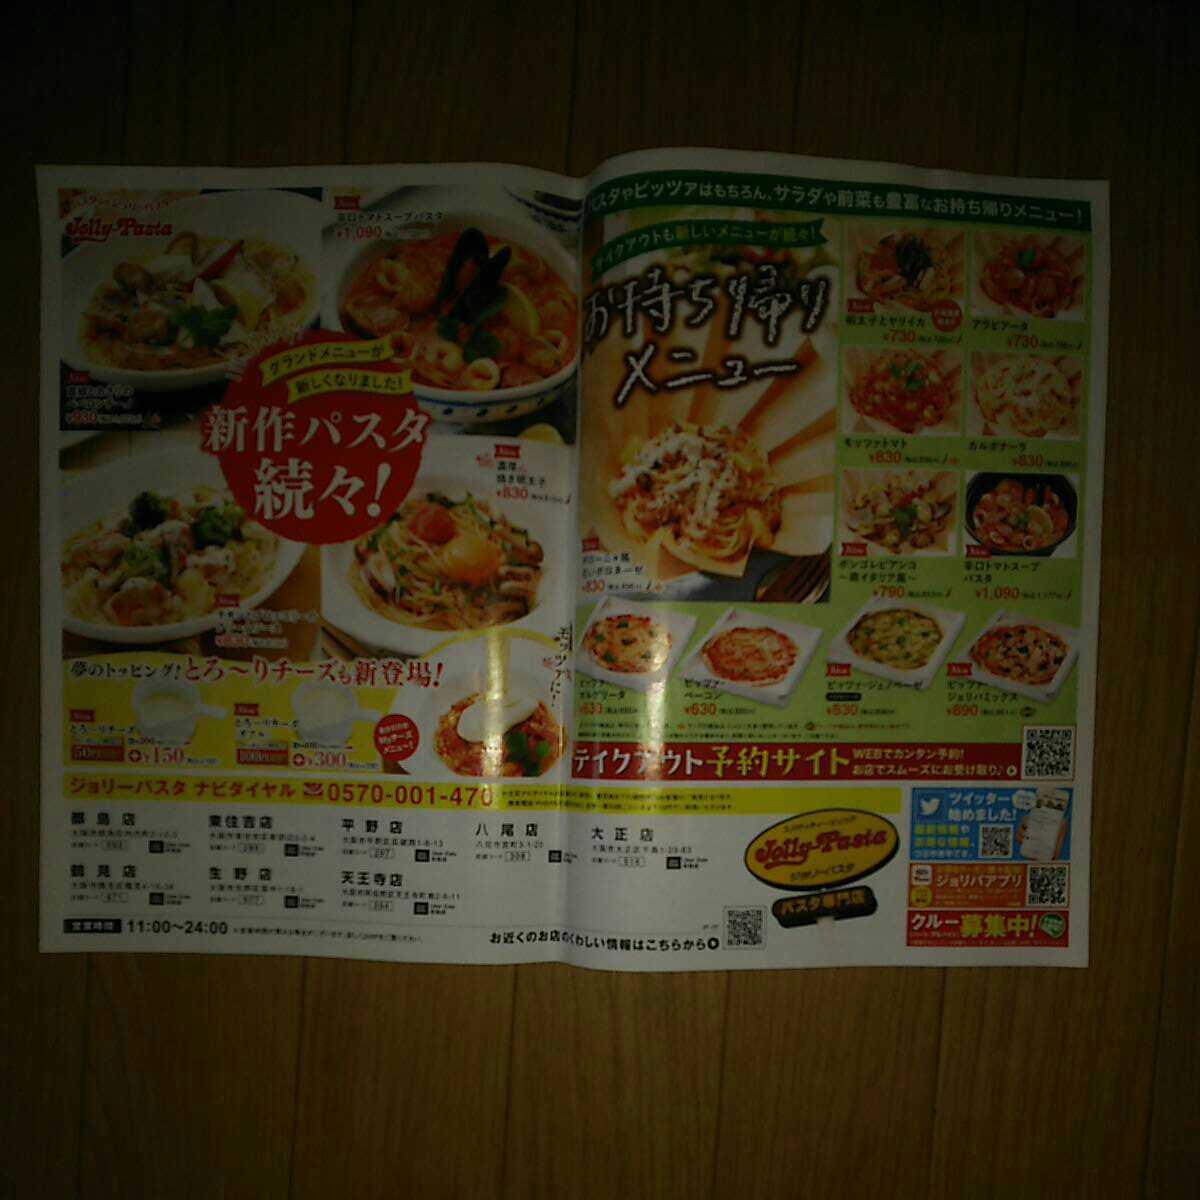 ジョリーパスタ  クーポン 広告紙 有効期限:2021.5/23(日)迄_画像2